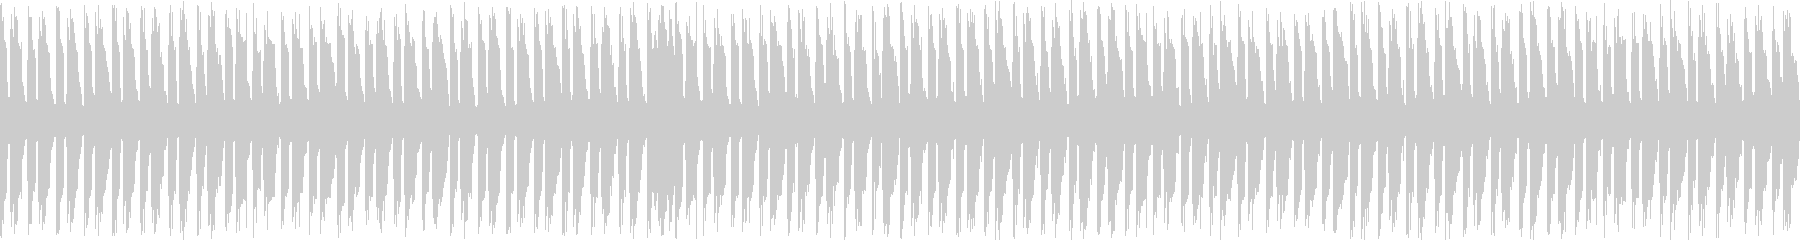 ギターとピアノの主張なしのループ曲の未再生の波形